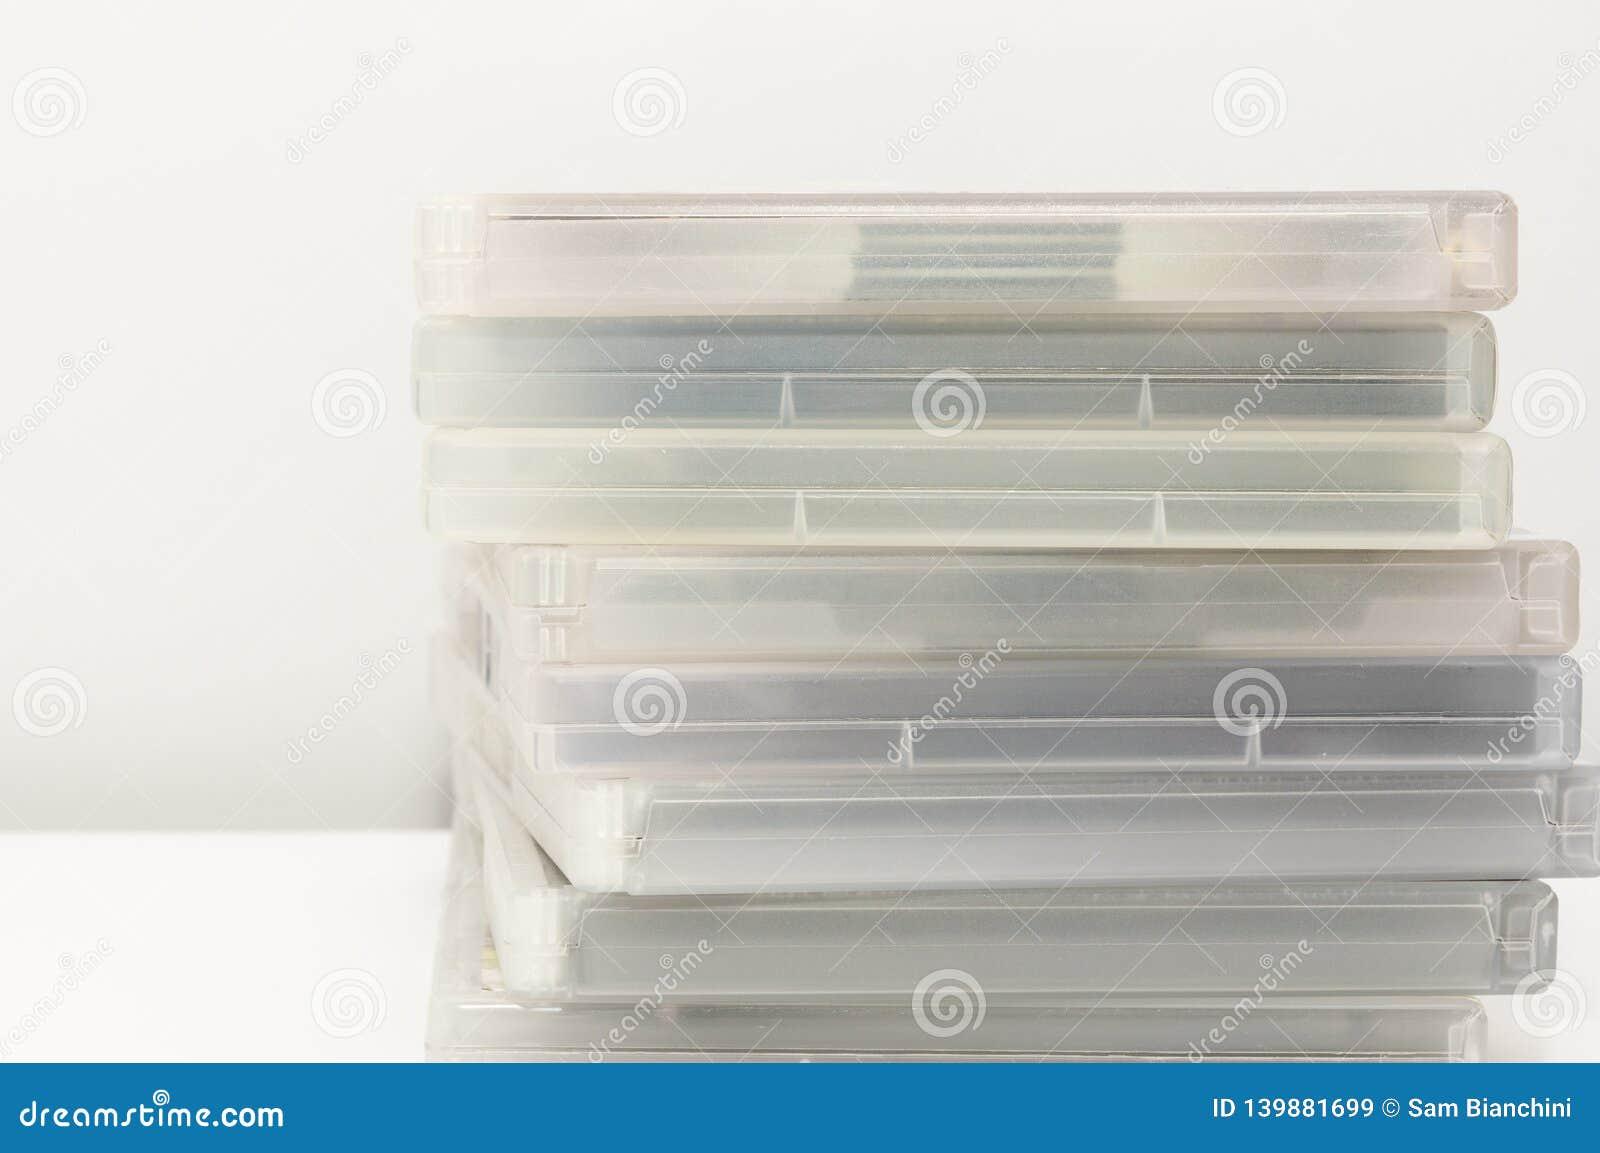 Caixas de DVD empilhadas na superfície